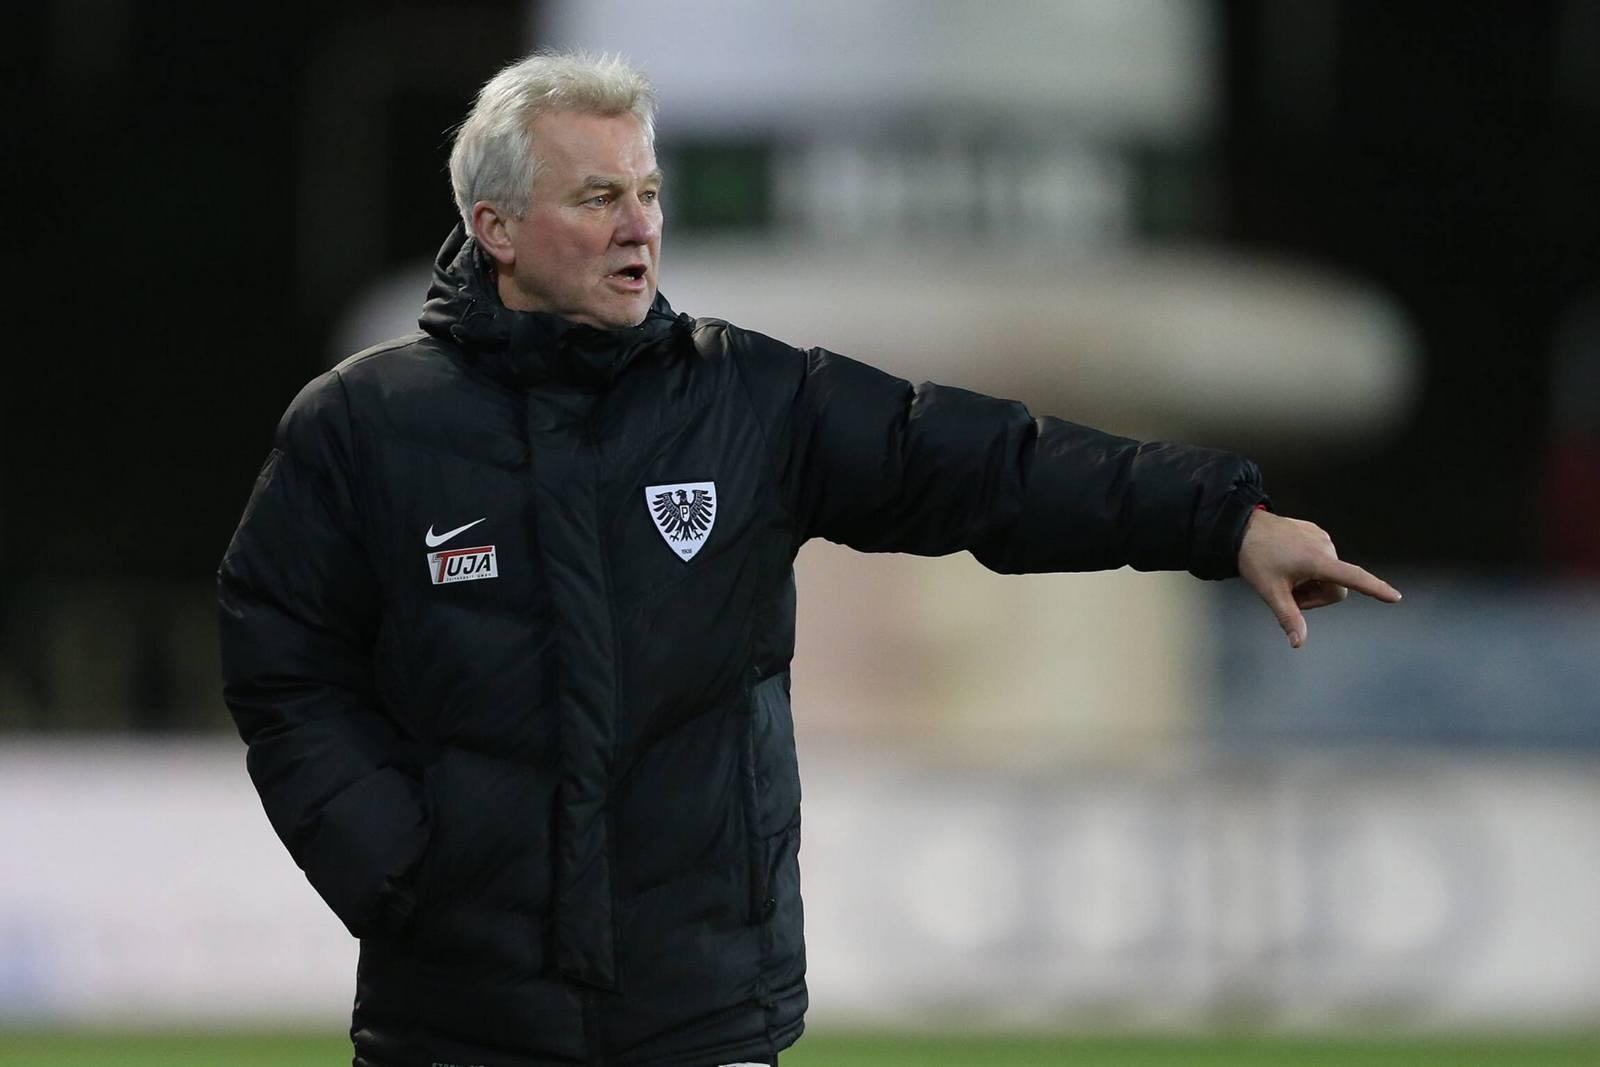 Glaubt an positive Entwicklung: Preußen-Trainer Benno Möhlmann